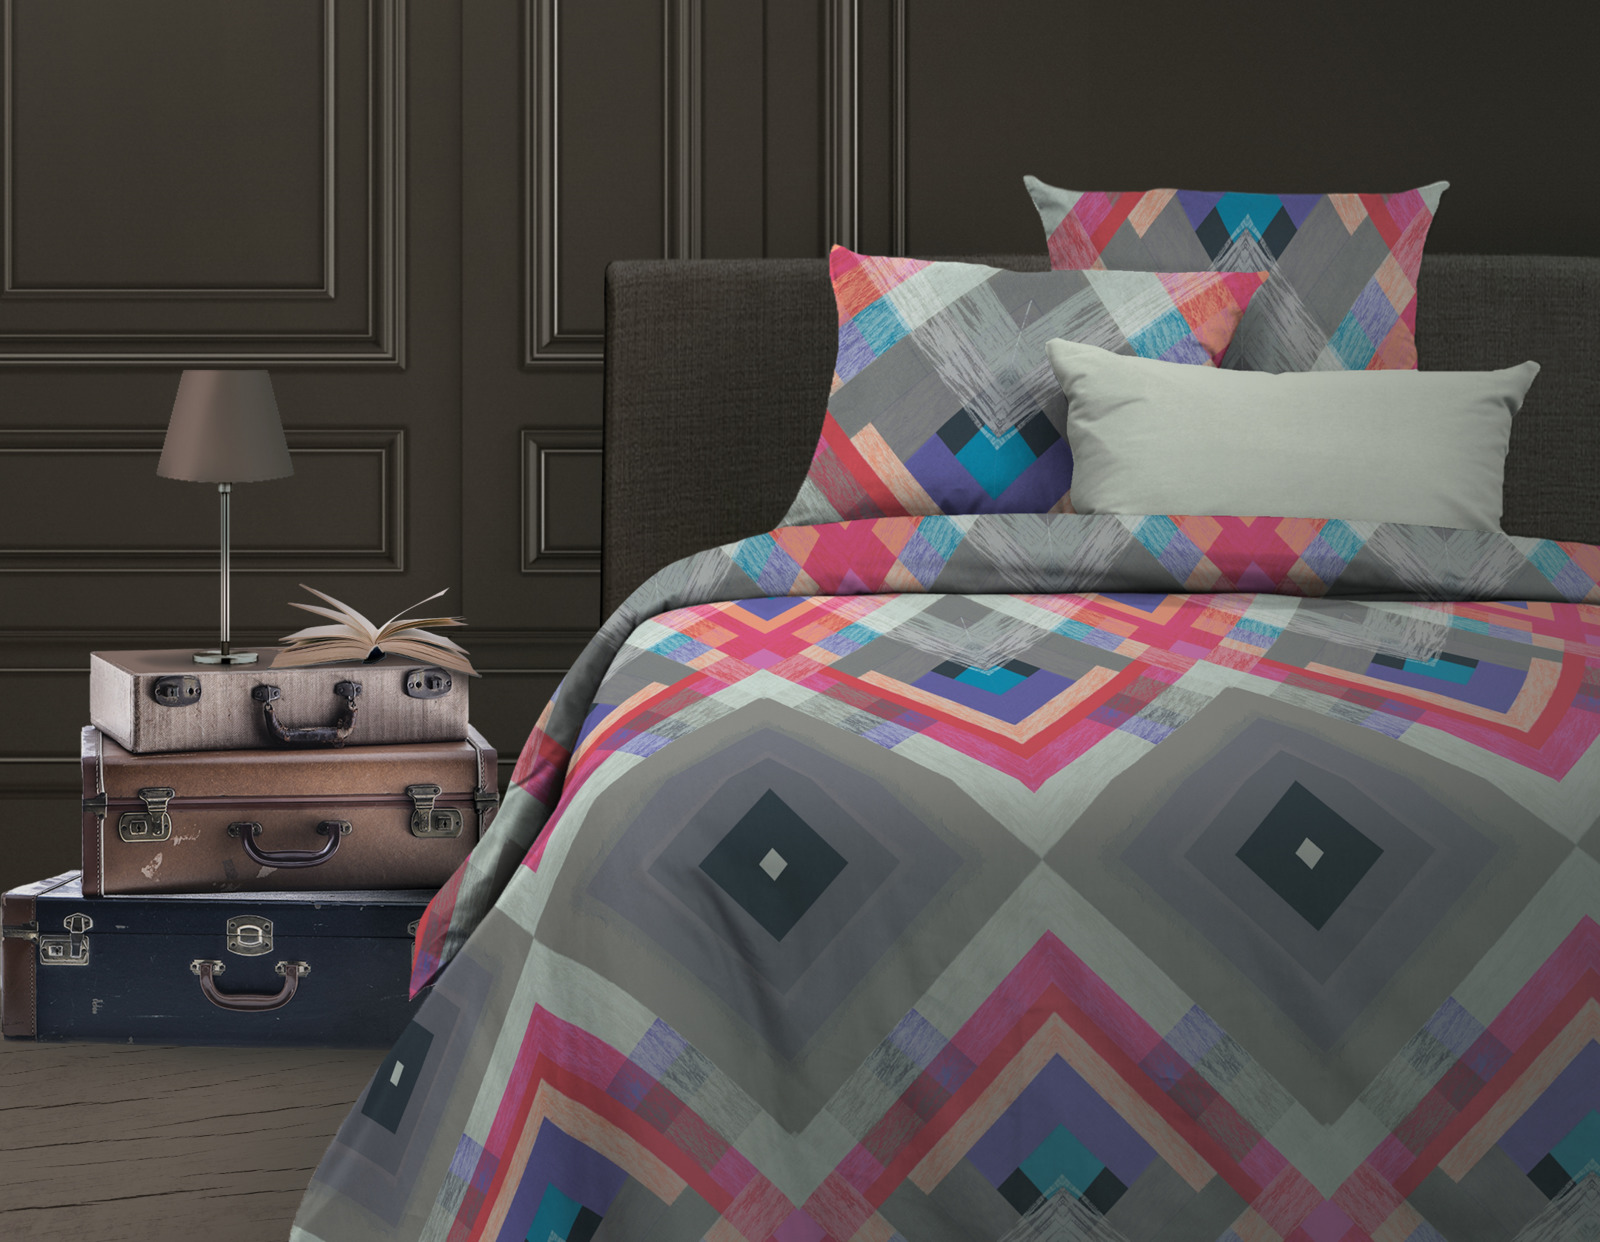 Комплект белья Wenge Avangard, 532687, 2-спальный, наволочки 70х70 постельное белье wenge кпб 2 0 био комфорт wenge 70х70 рис 15158 1 15161 2 gallant